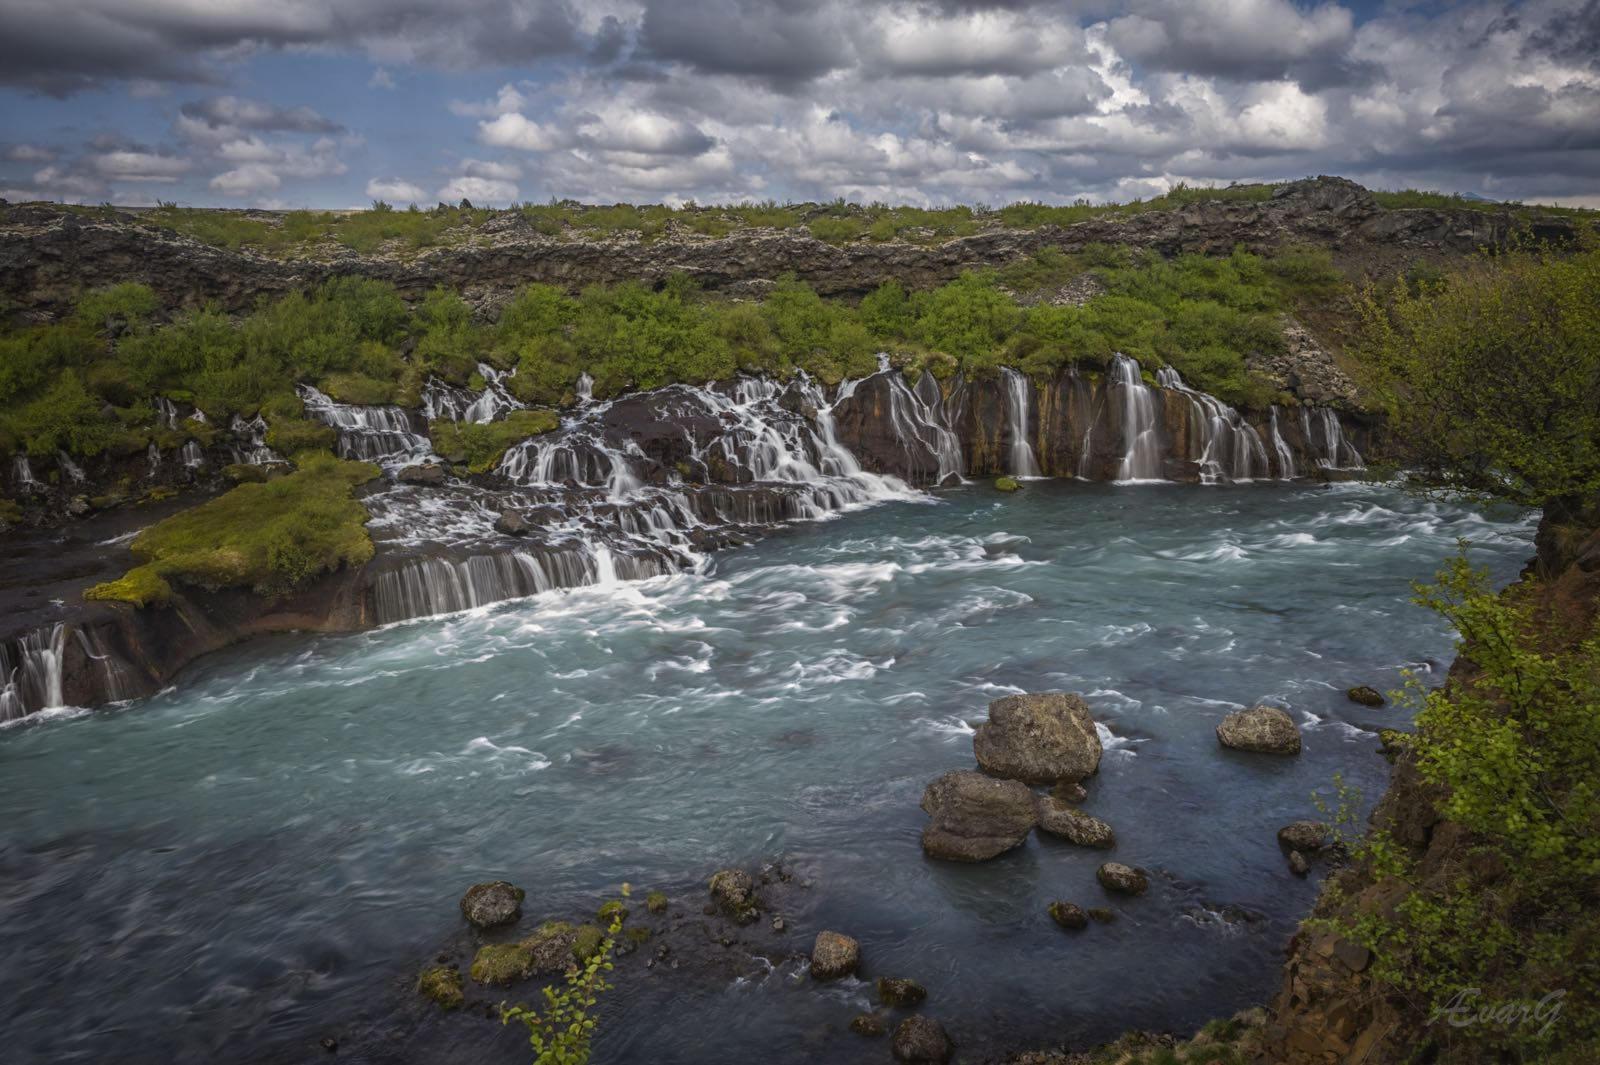 Die Hraunfossar sind eine Reihe wunderschöner Wasserfälle im Westen Islands, die einen Besuch wirklich lohnen.